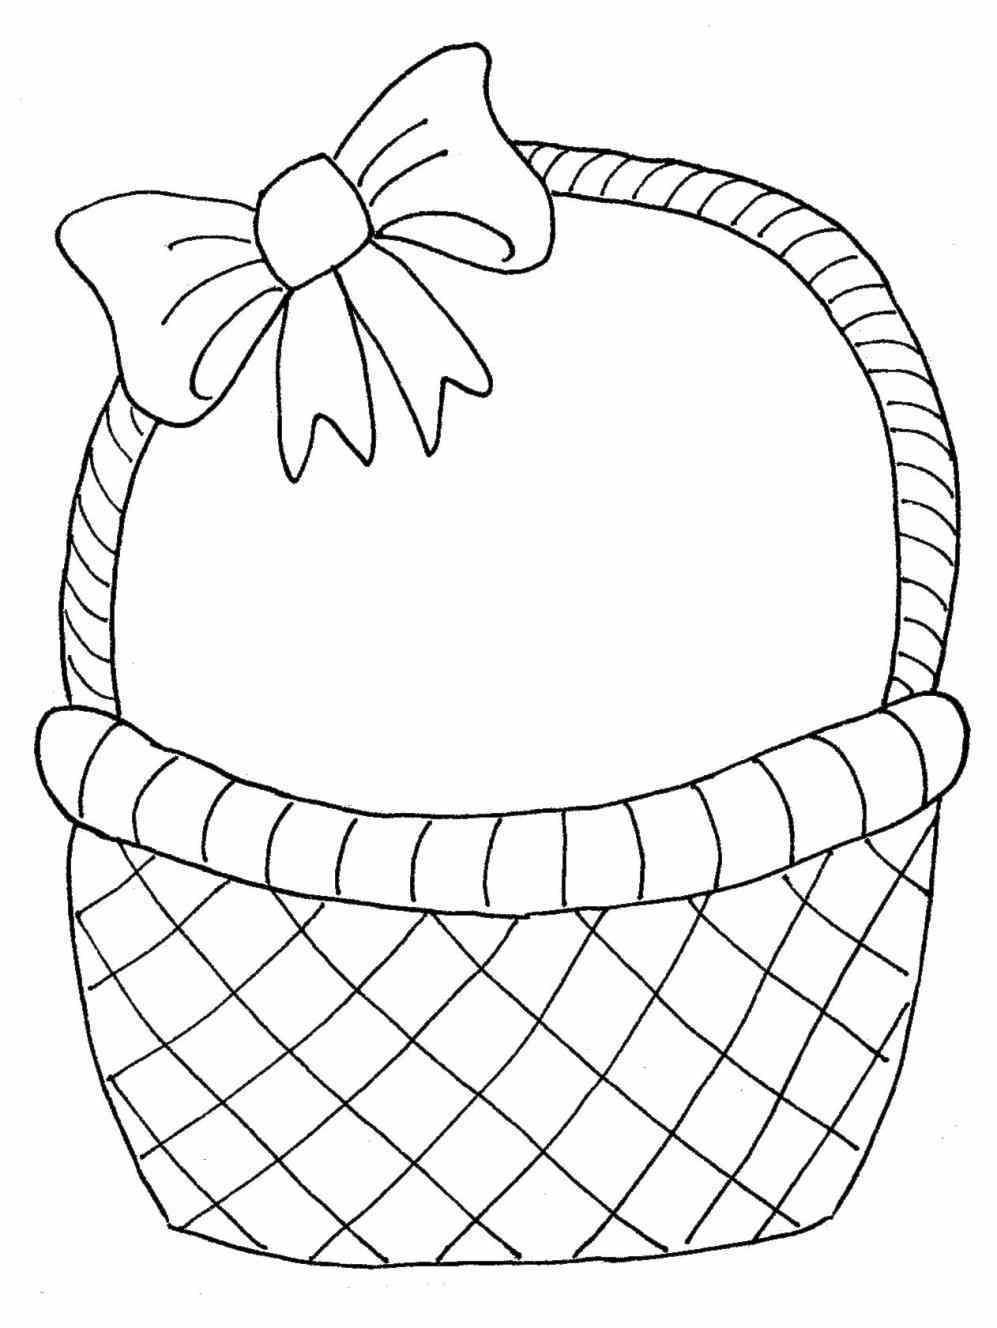 997x1328 Egg Basket For Kids Wicker U Felt World Market Drawings Happy